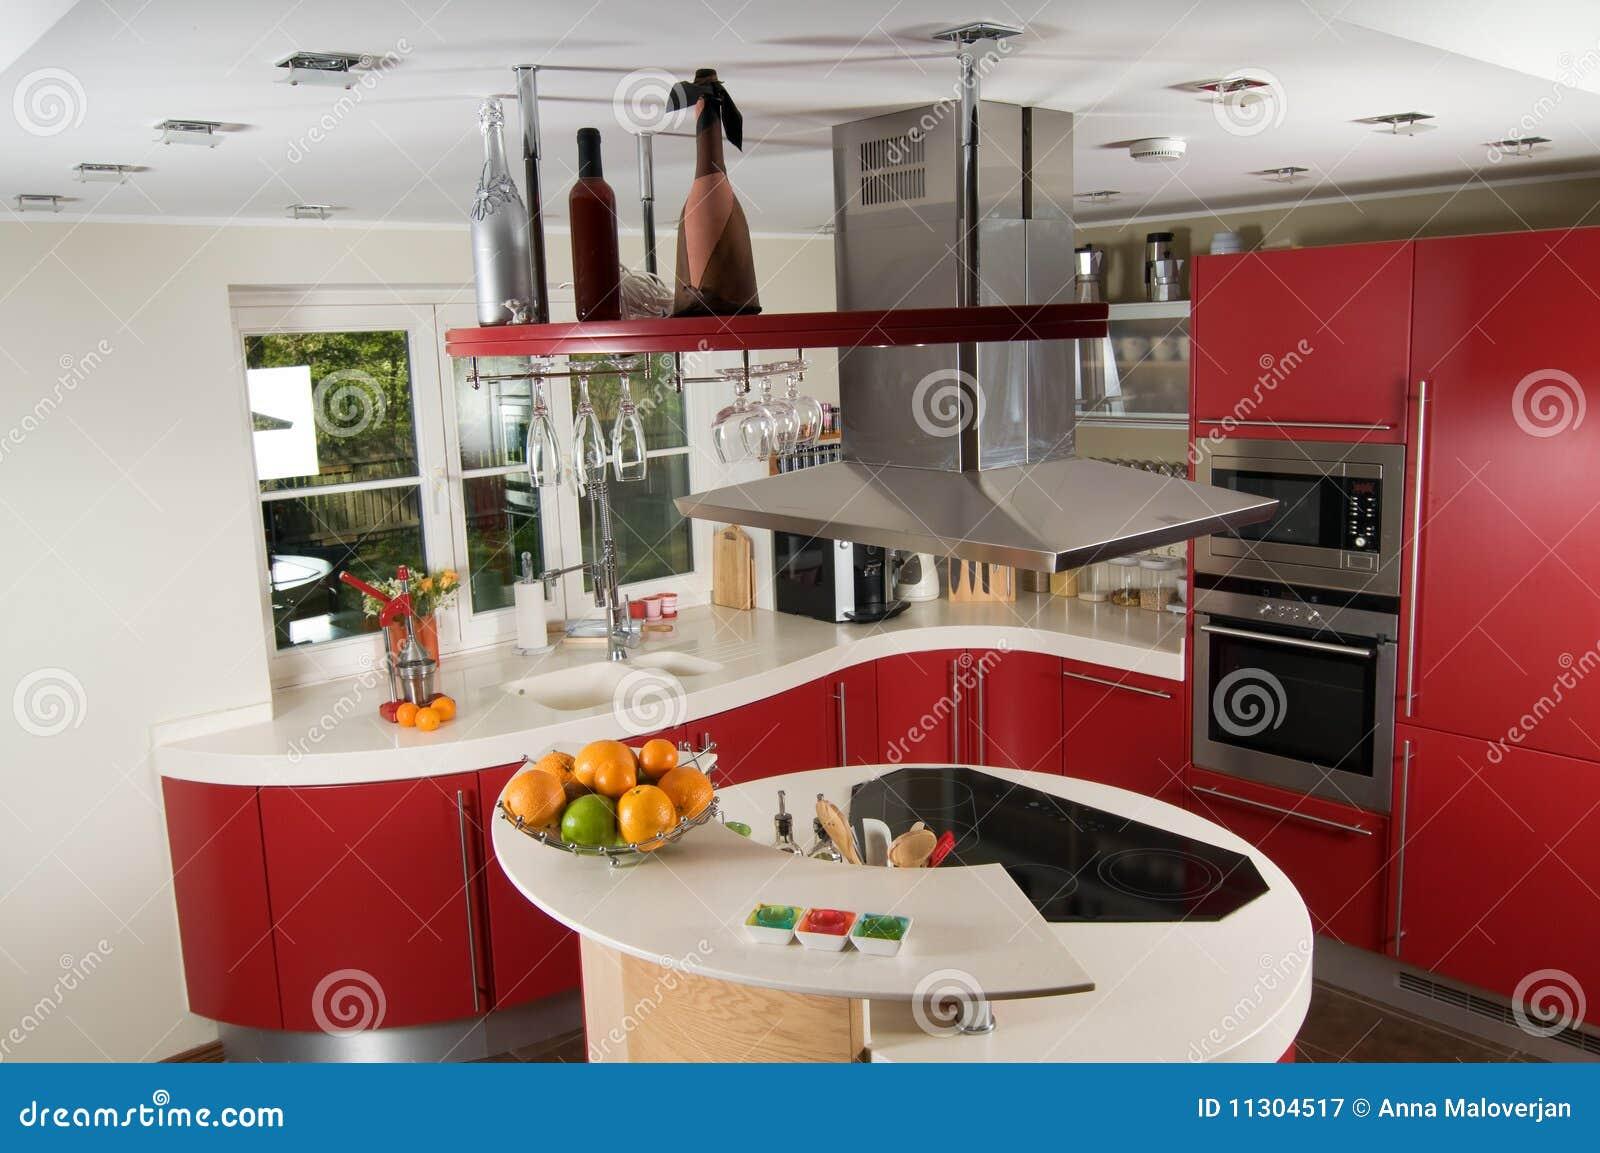 Cucina moderna rossa immagine stock immagine di granito - Cucina moderna rossa ...